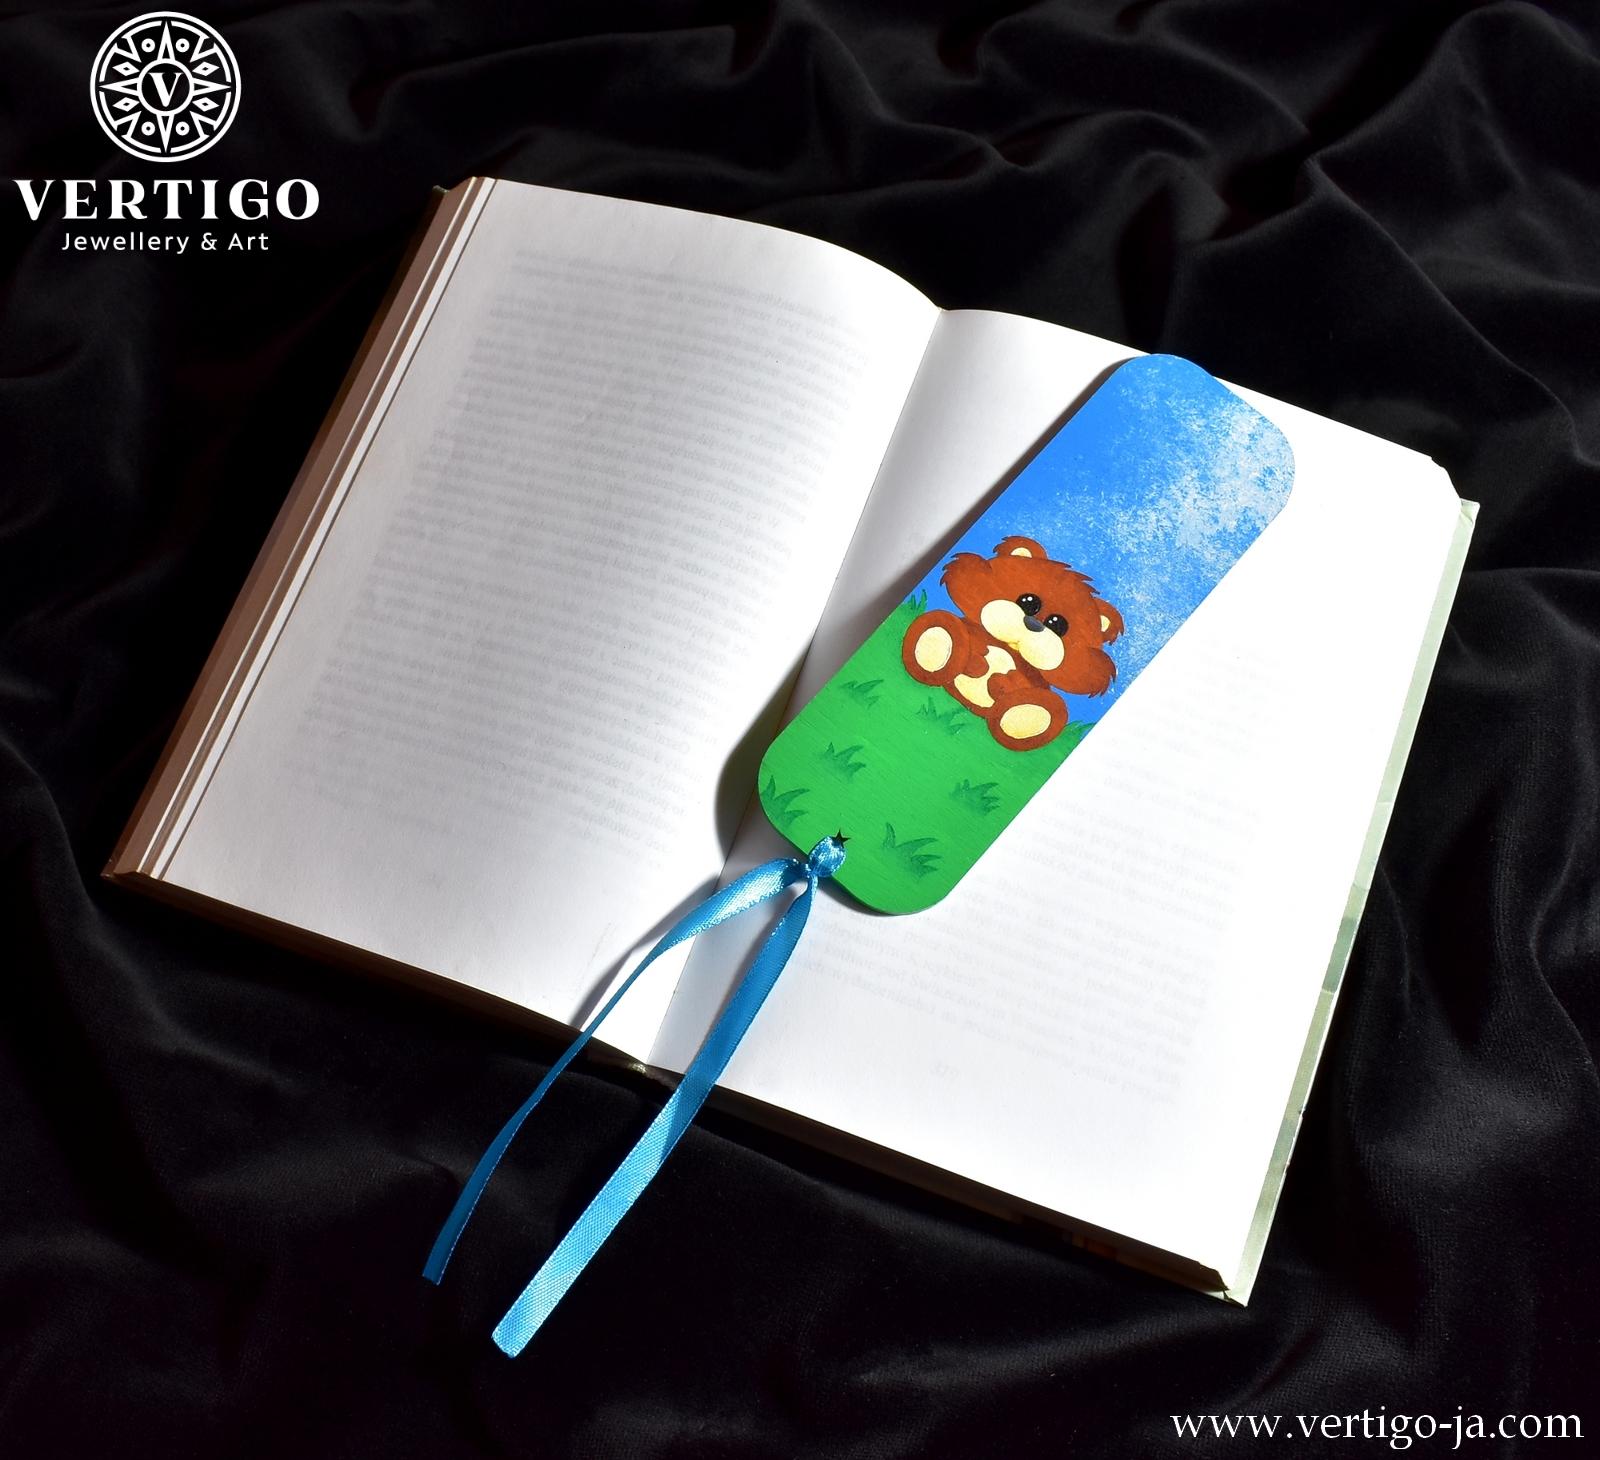 Ręcznie malowana zakładka do książki dla dzieci z brązowym misiem siedzącym na trawie pod błękitnym niebem. Drewniana.